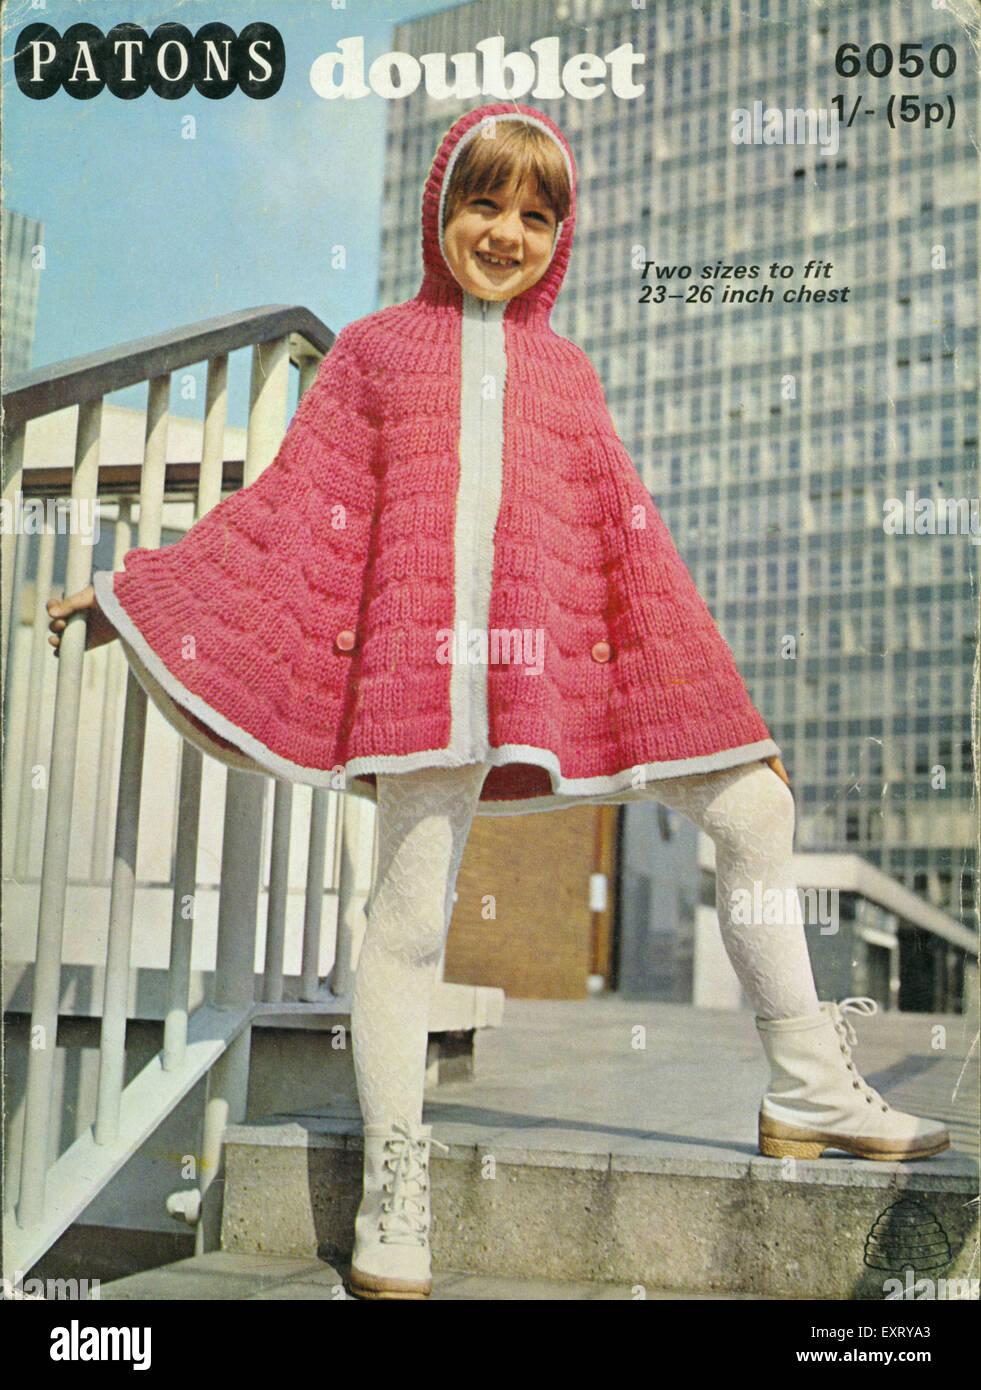 1970s UK Patons Knitting Patterns Stock Photo: 85348875 - Alamy